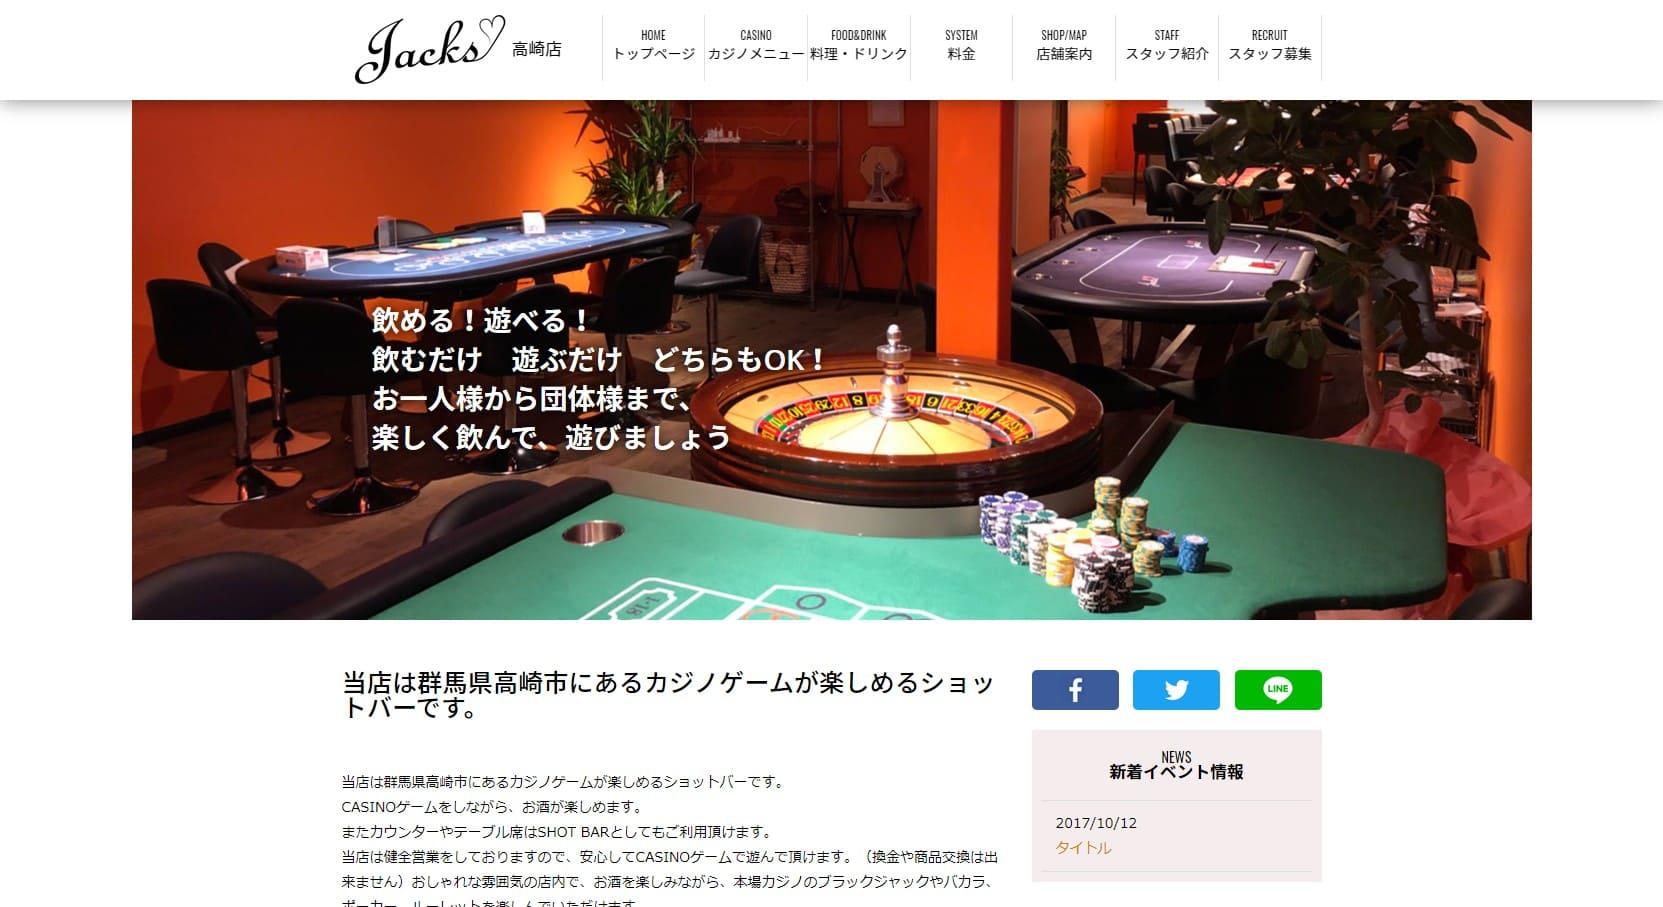 ショットバージャックス高崎店のウェブサイト画像。